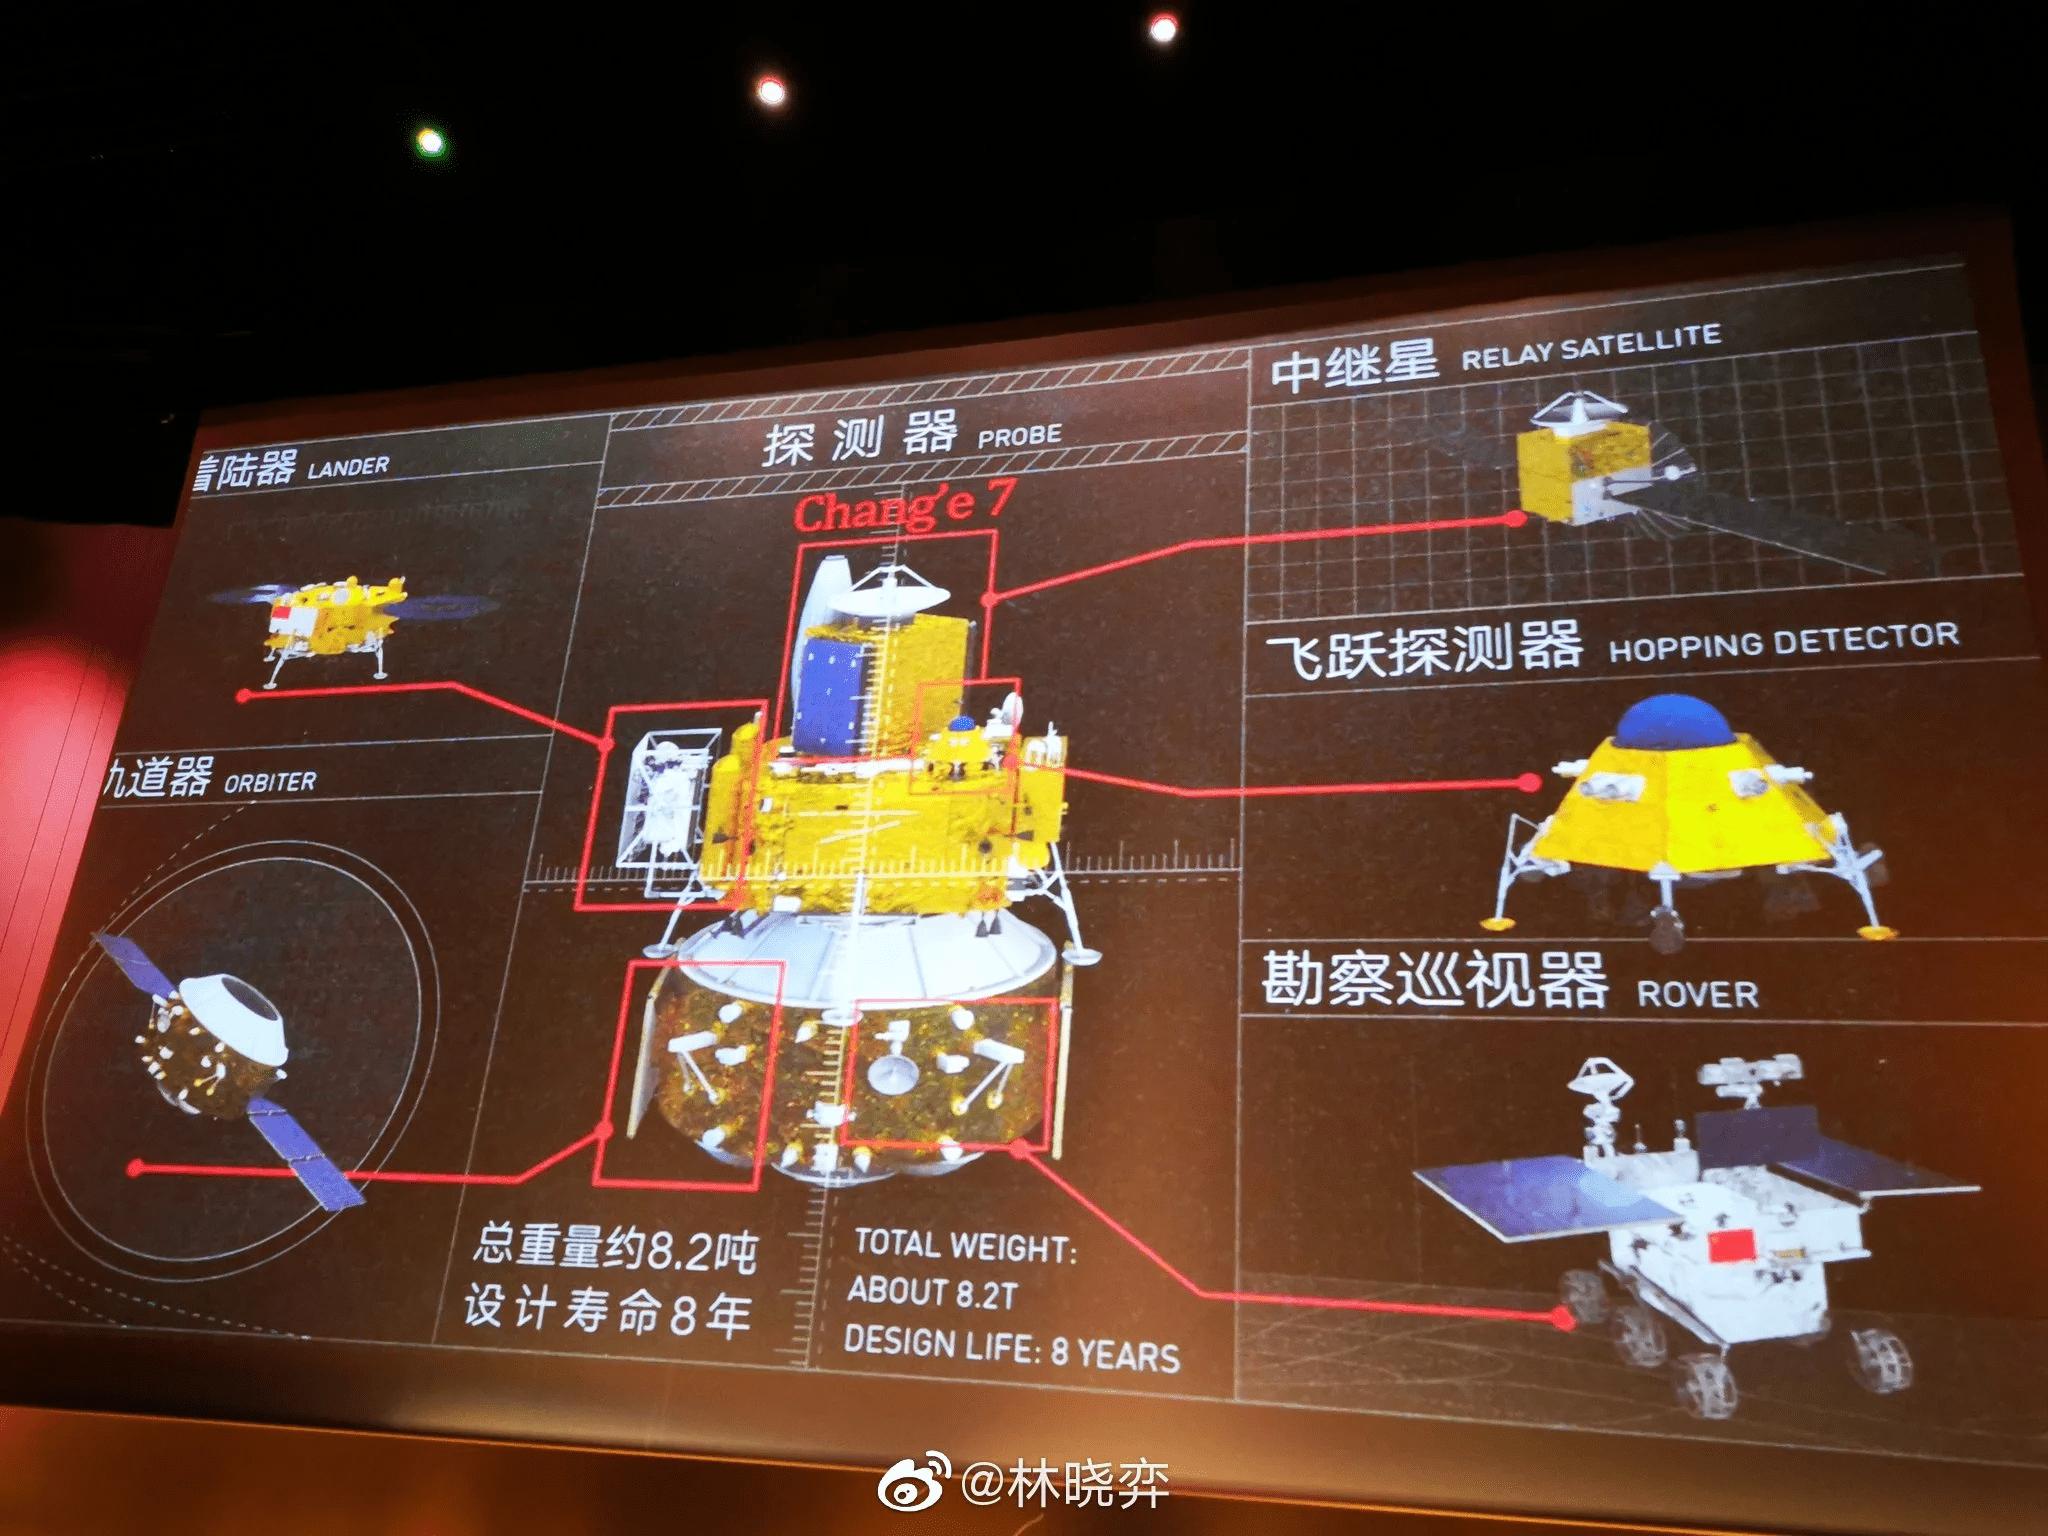 Uno schema possibile della futura missione Chang'e 7.